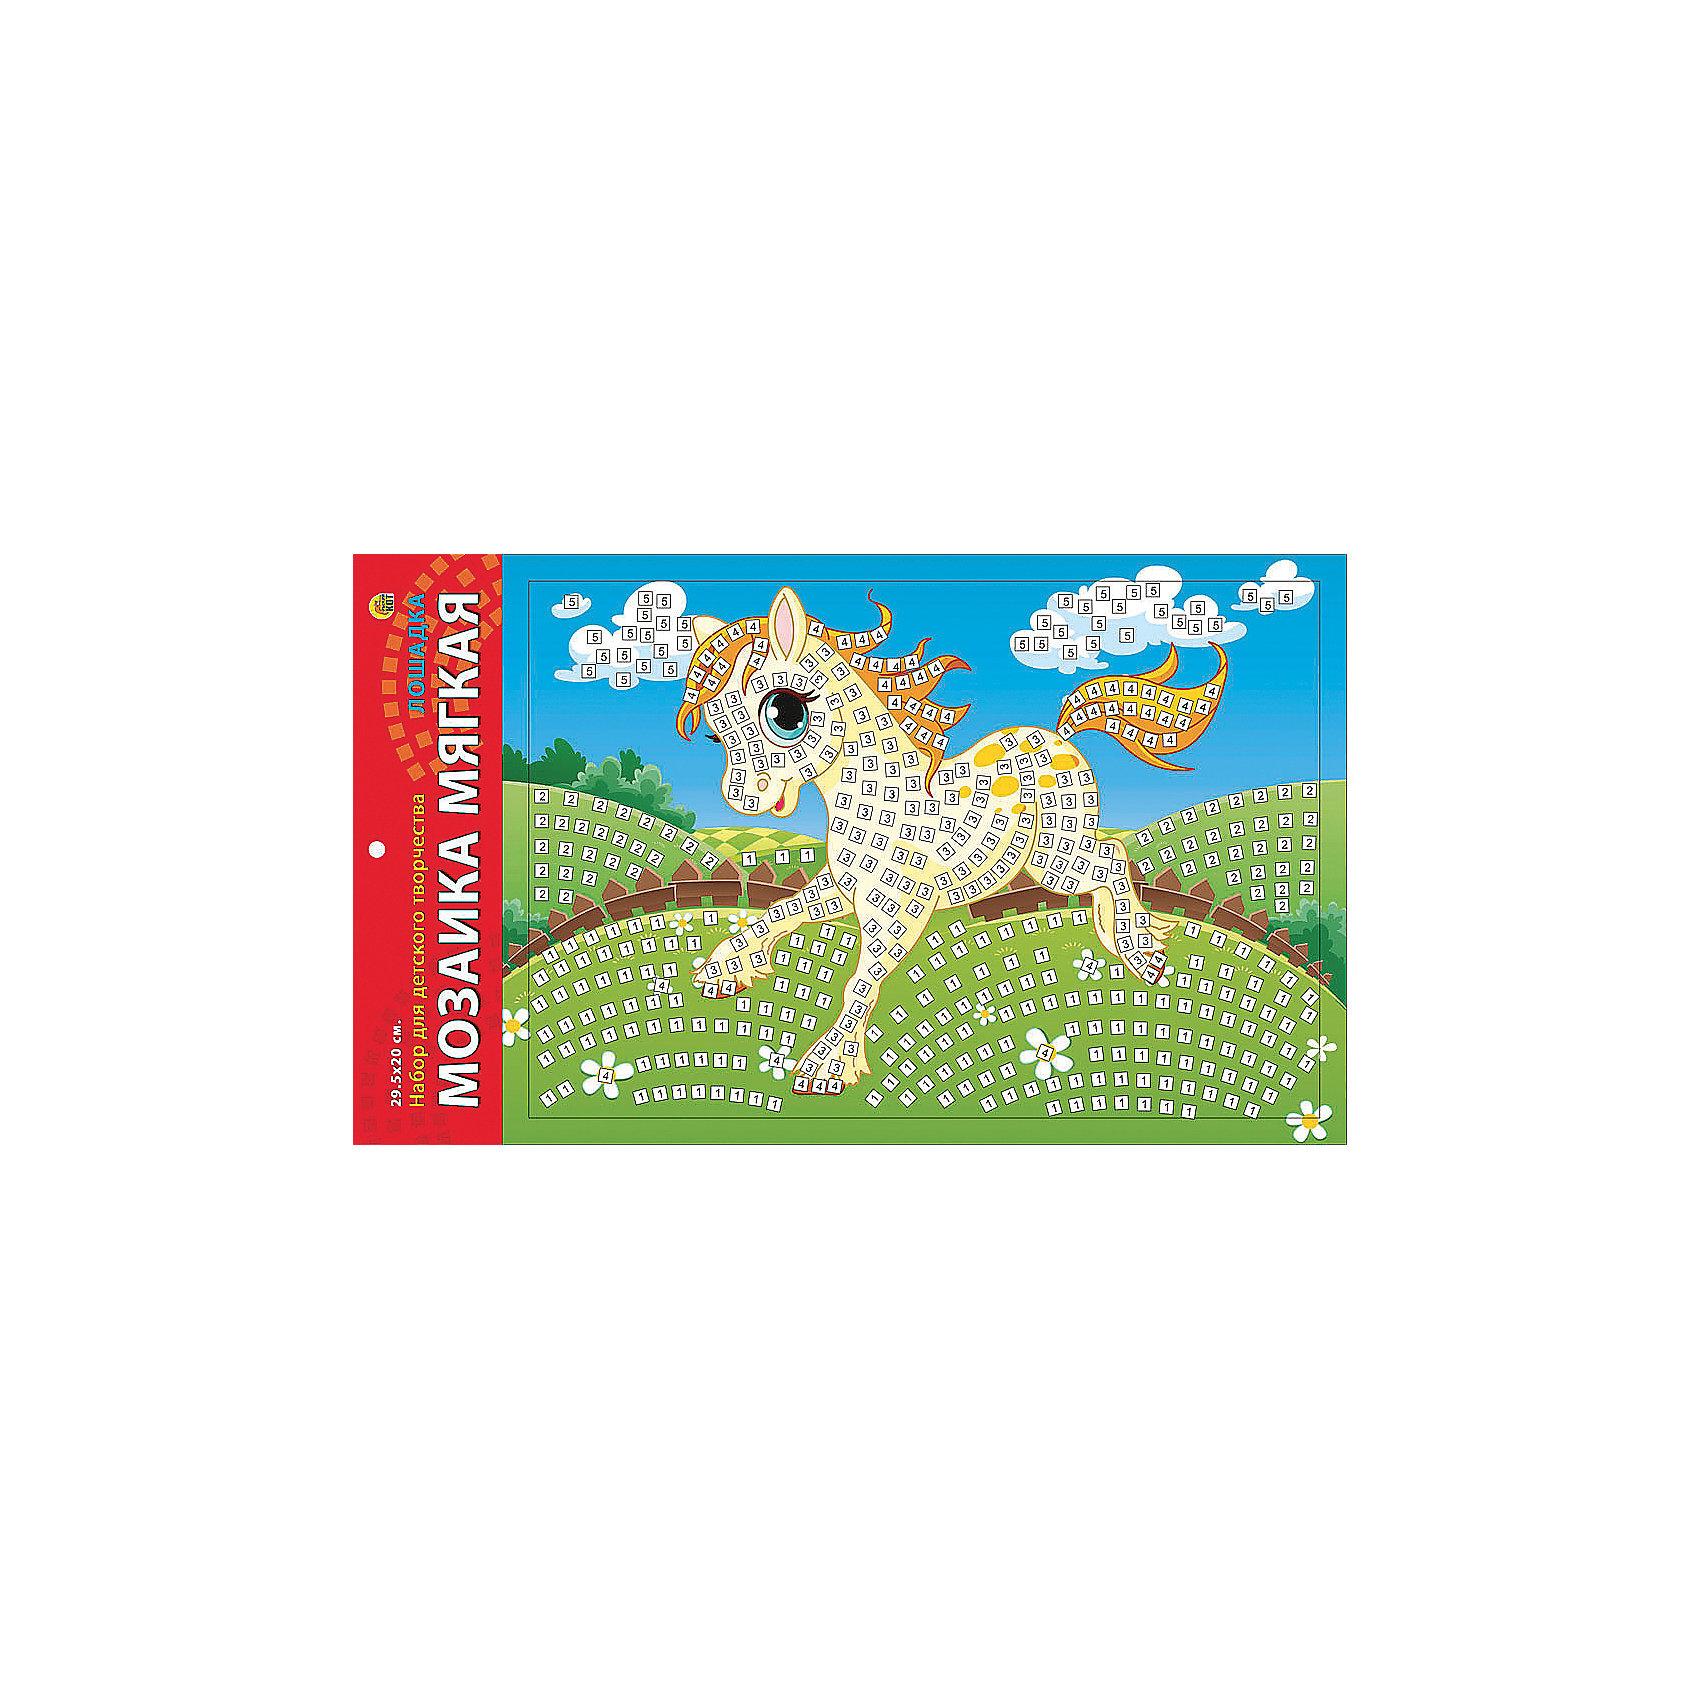 Издательство Рыжий кот Мягкая мозаика Лошадка формат А4 (29.5х20 см) издательство рыжий кот мягкая мозаика веселый самолет формат а5 21х15 см